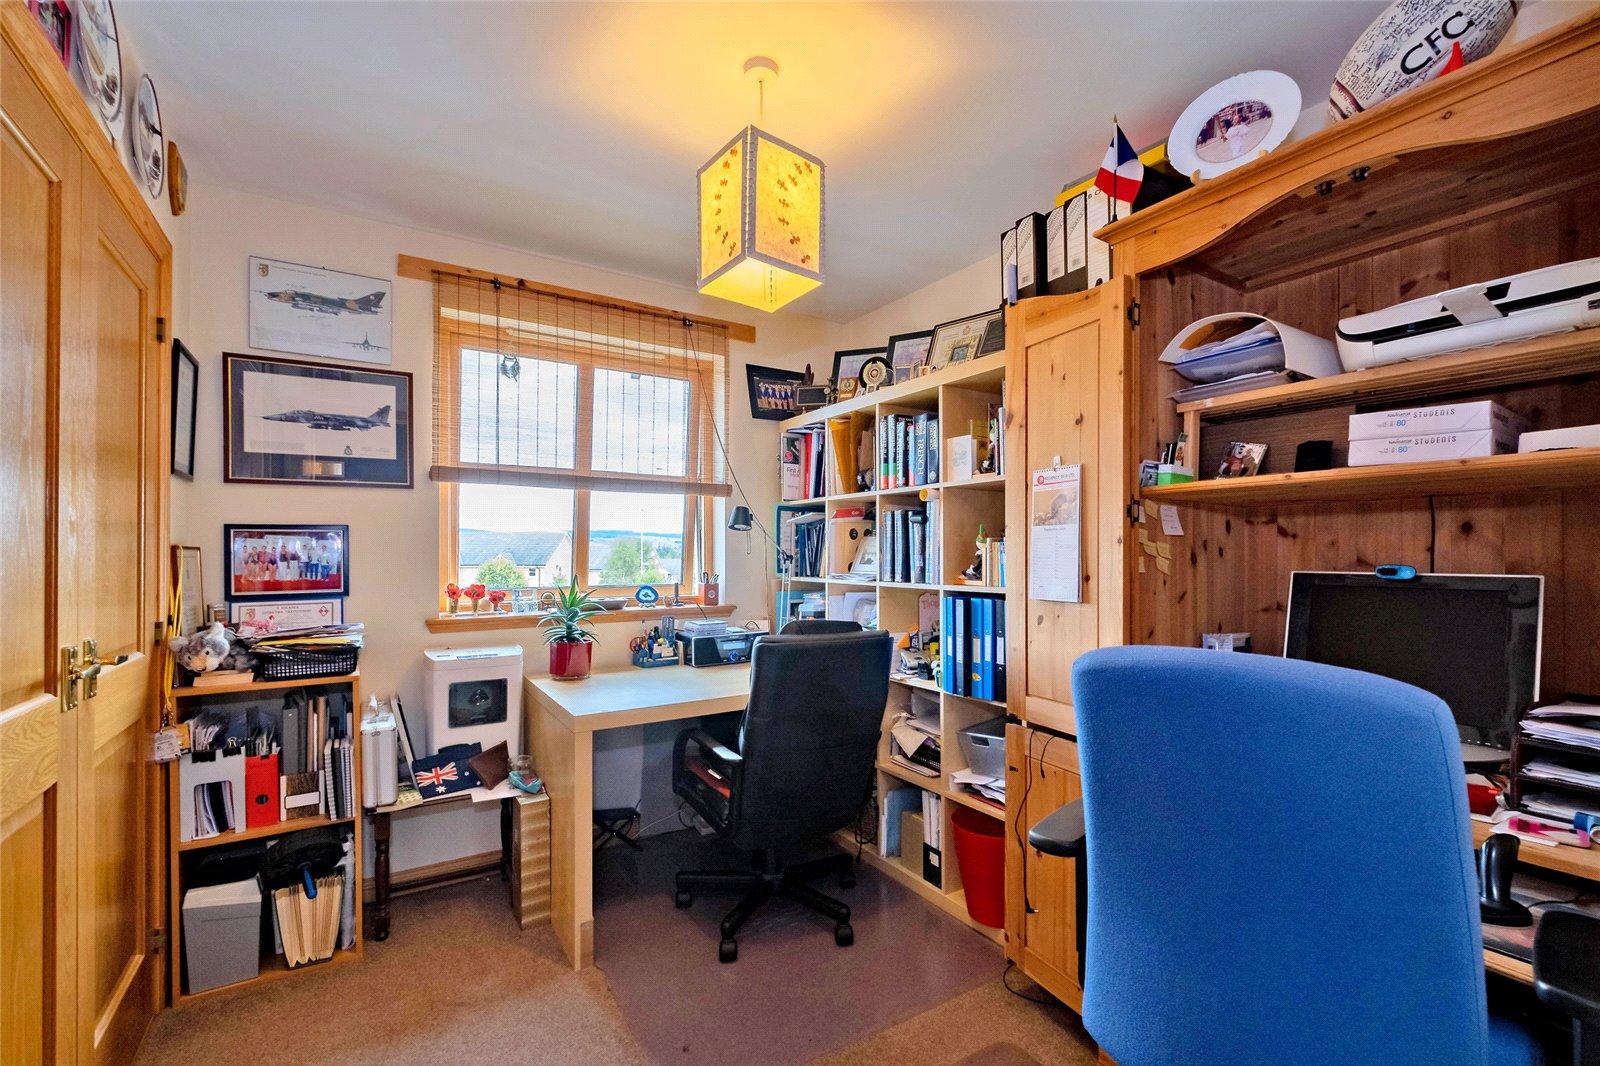 Bedroom 5/Office